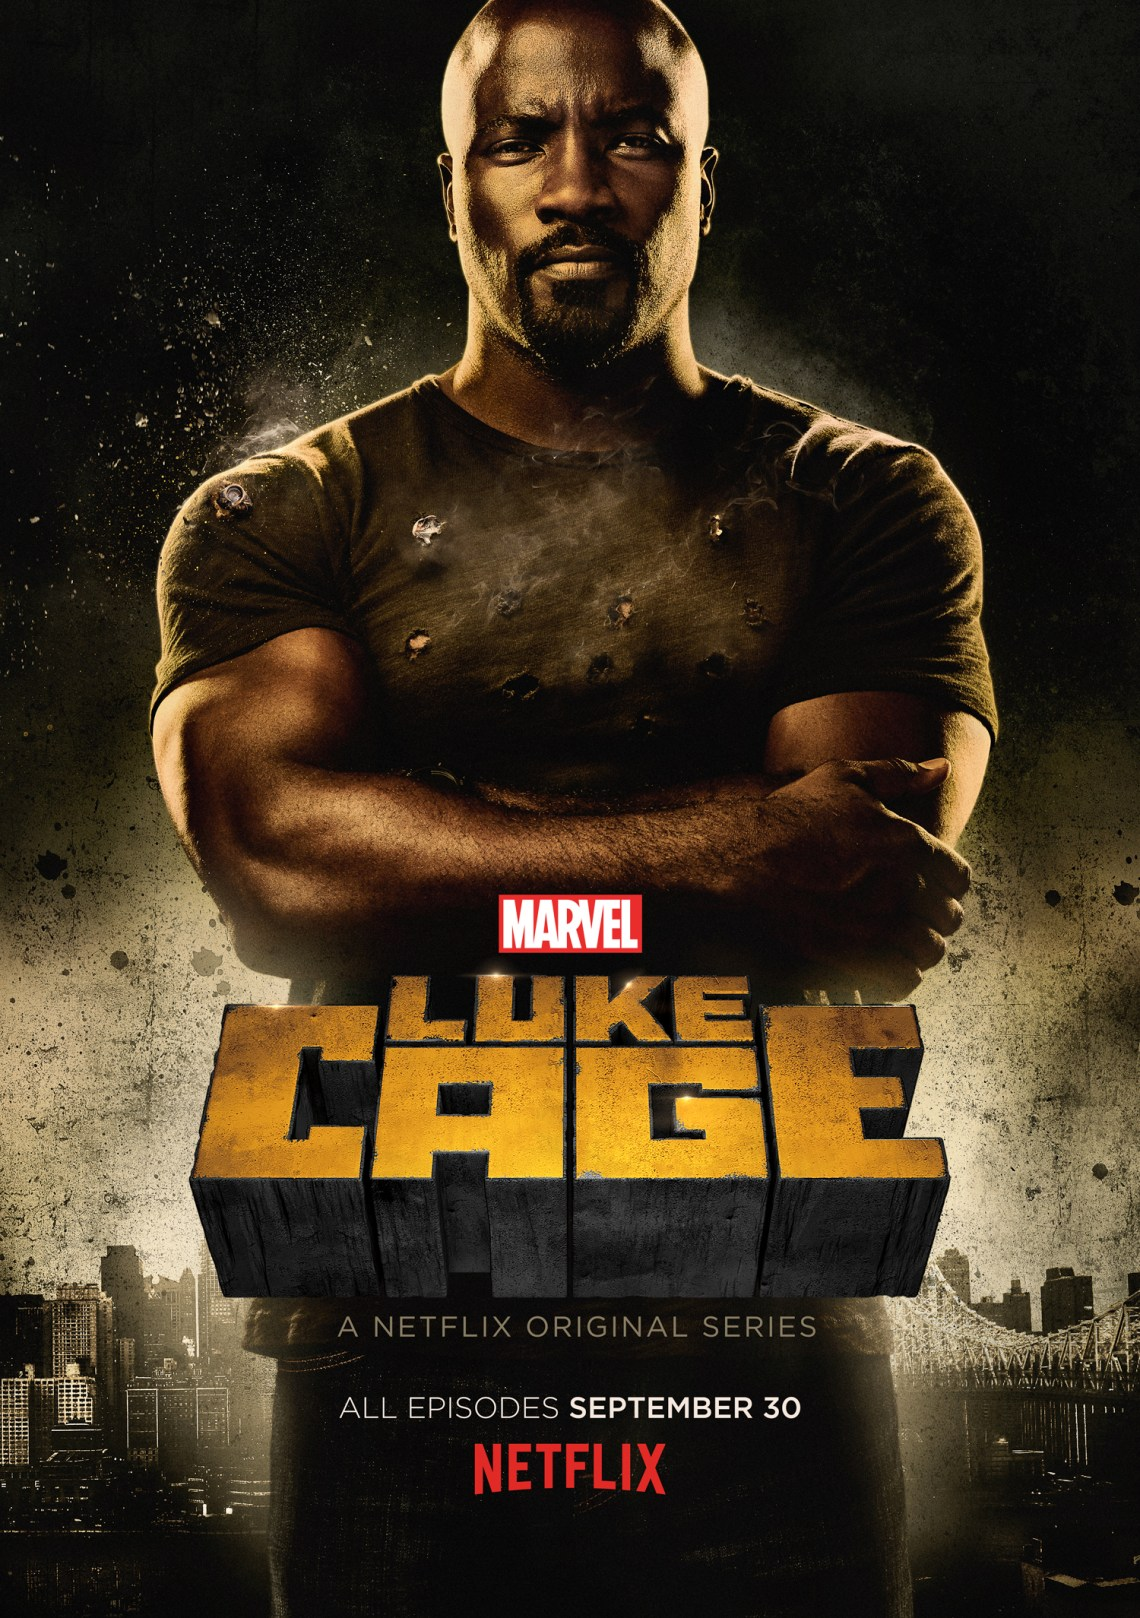 marvels-luke-cage-poster.jpg